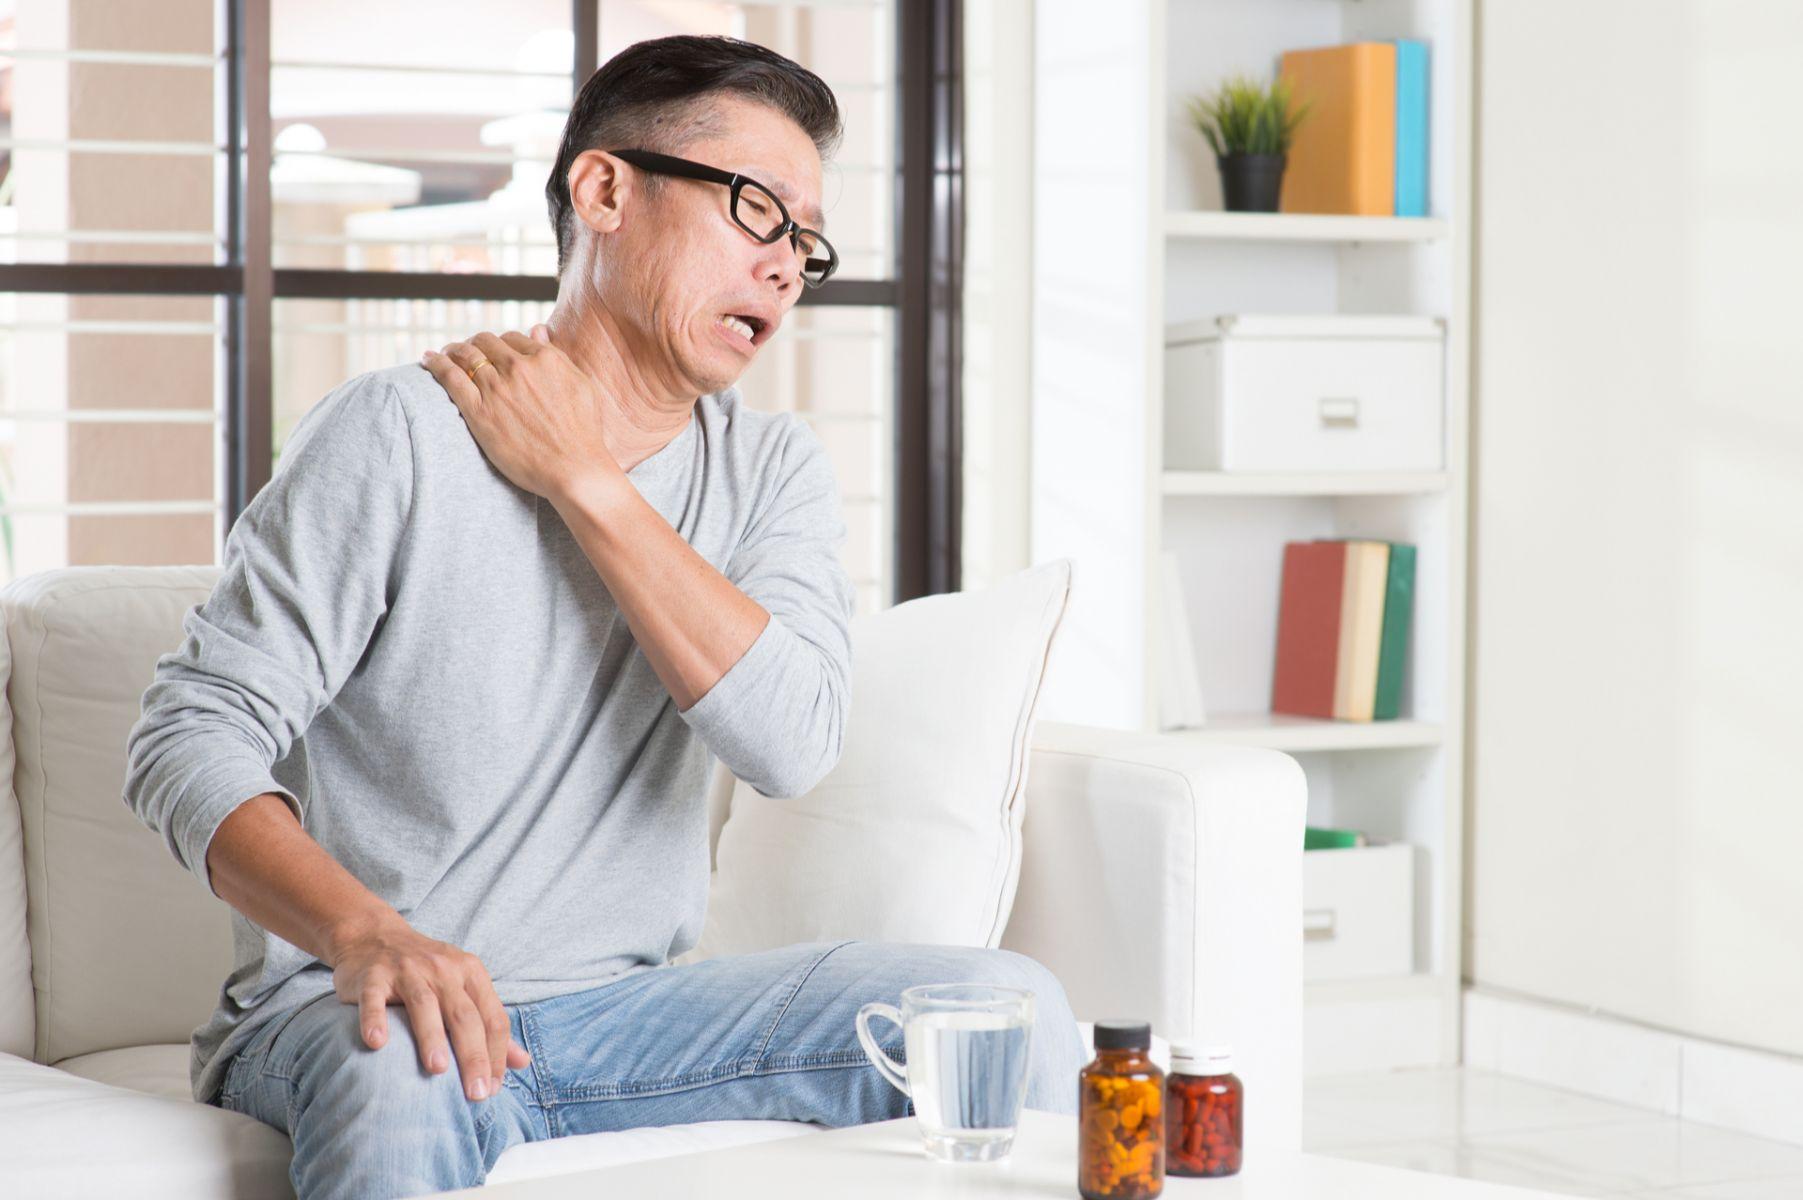 怎麼按摩都沒效?當心肩頸緊繃是焦慮症惹的禍